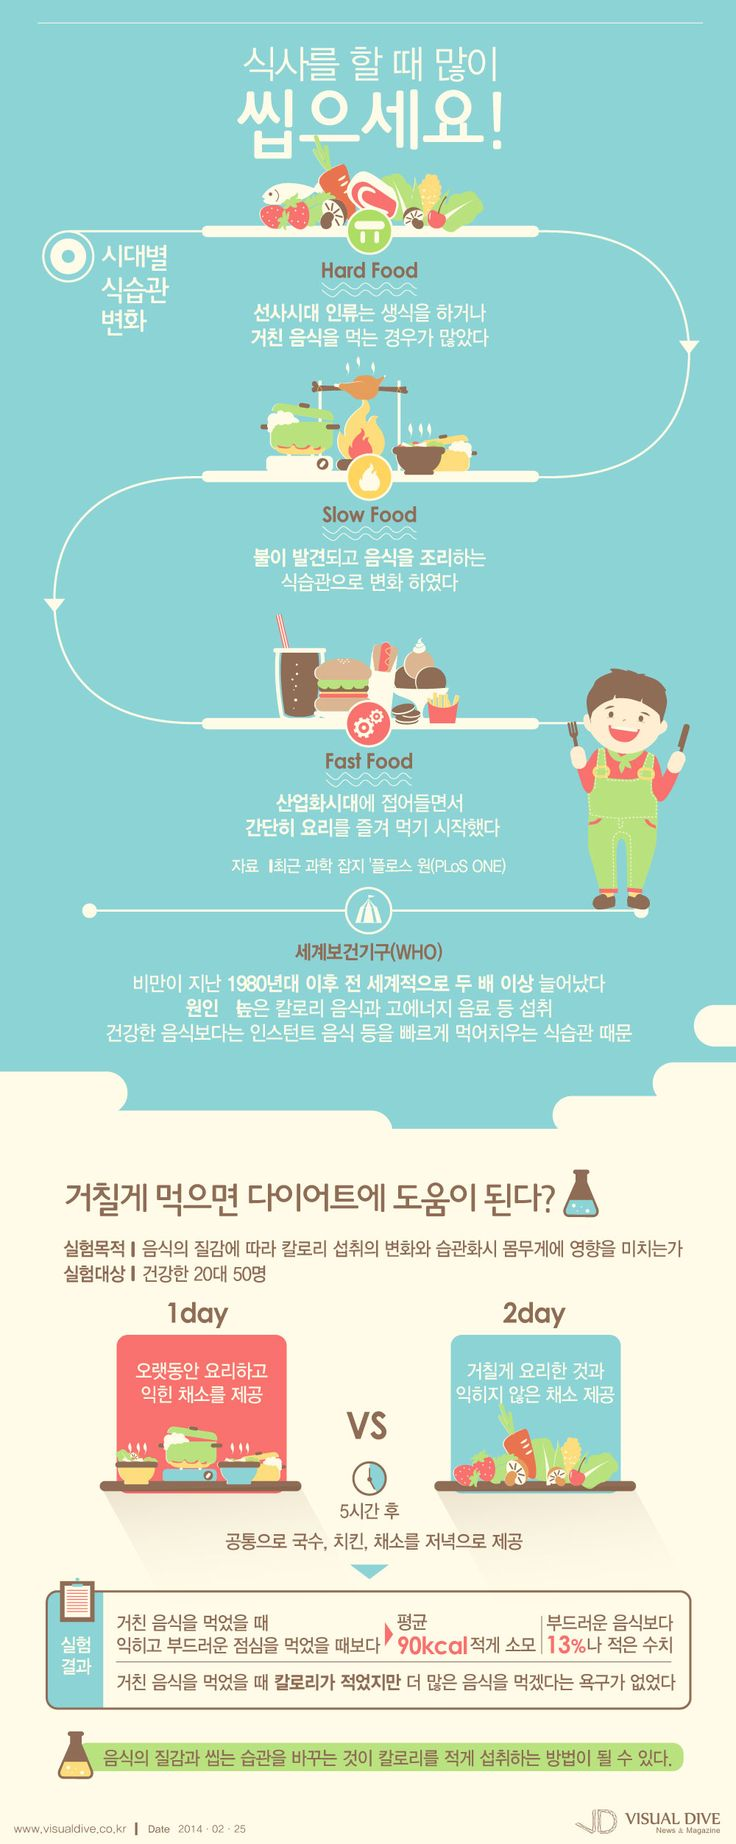 """""""hard food, 거칠게 씹을수록 칼로리 섭취는 줄어들어요"""" [인포그래픽] #food #Infographic ⓒ 비주얼다이브 무단 복사·전재·재배포"""